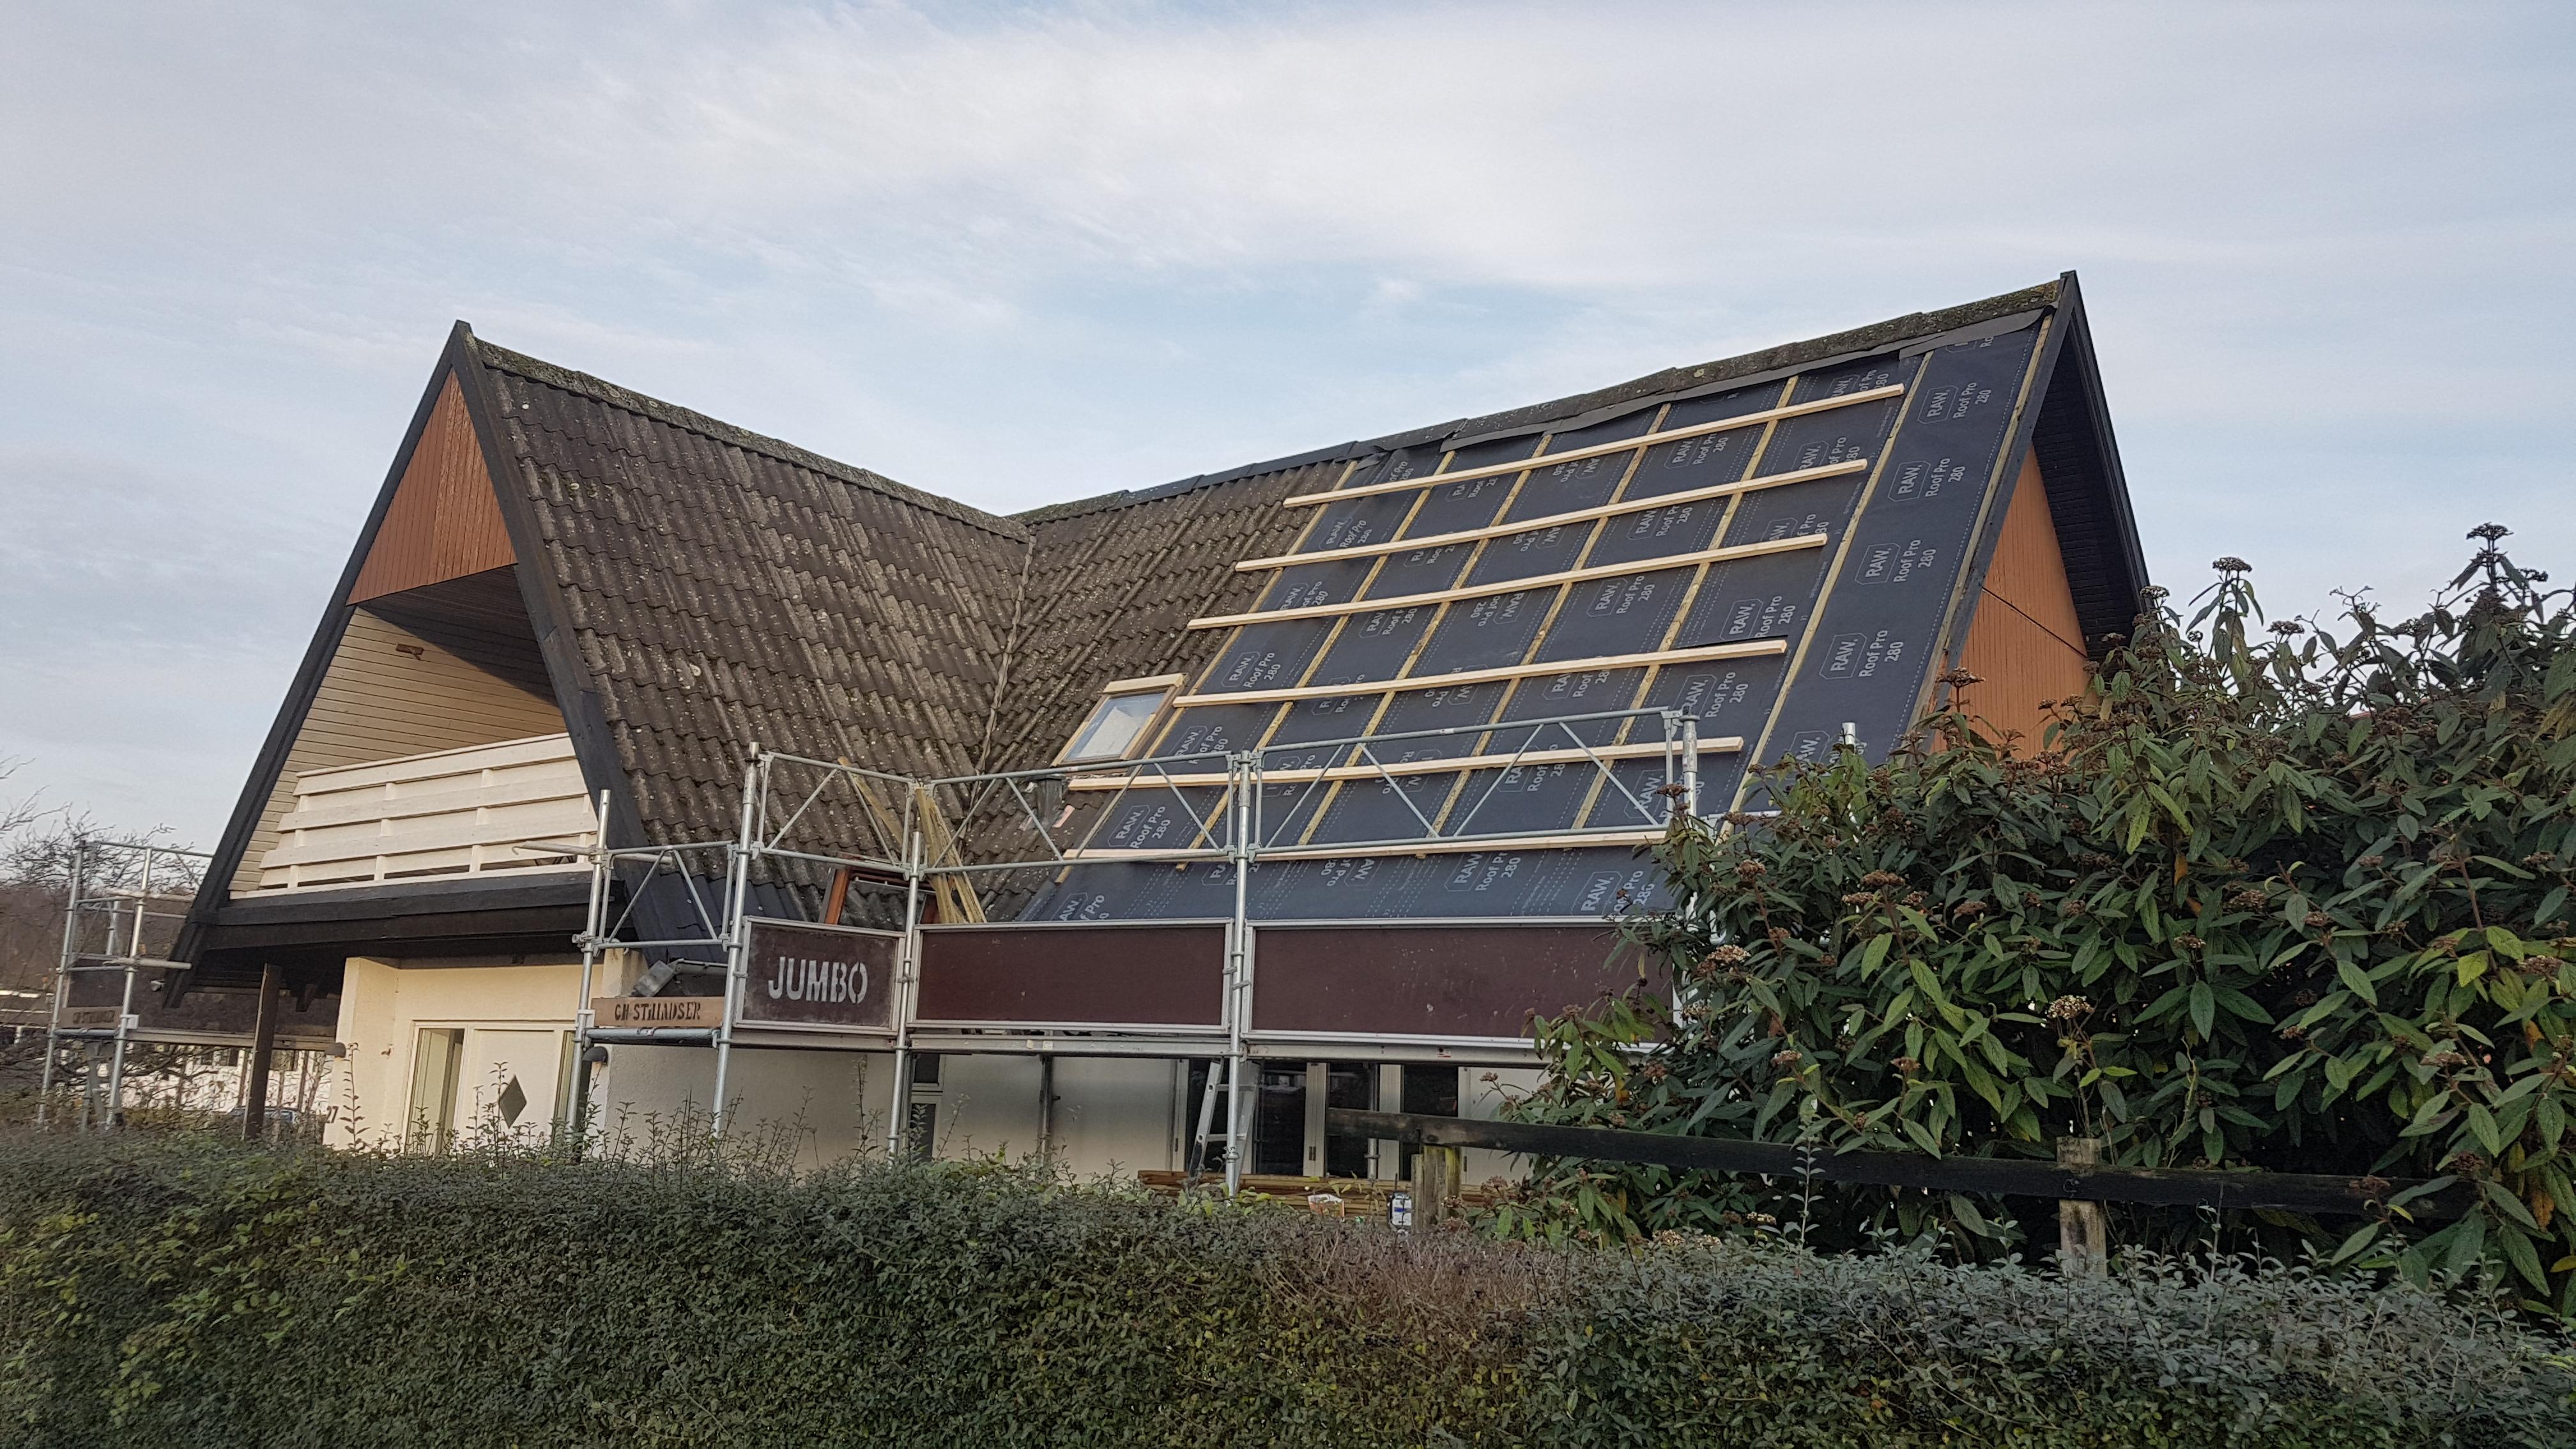 Det gamle Eternittag blev afmonteret i etaper og der blev samme dag monteret undertag.